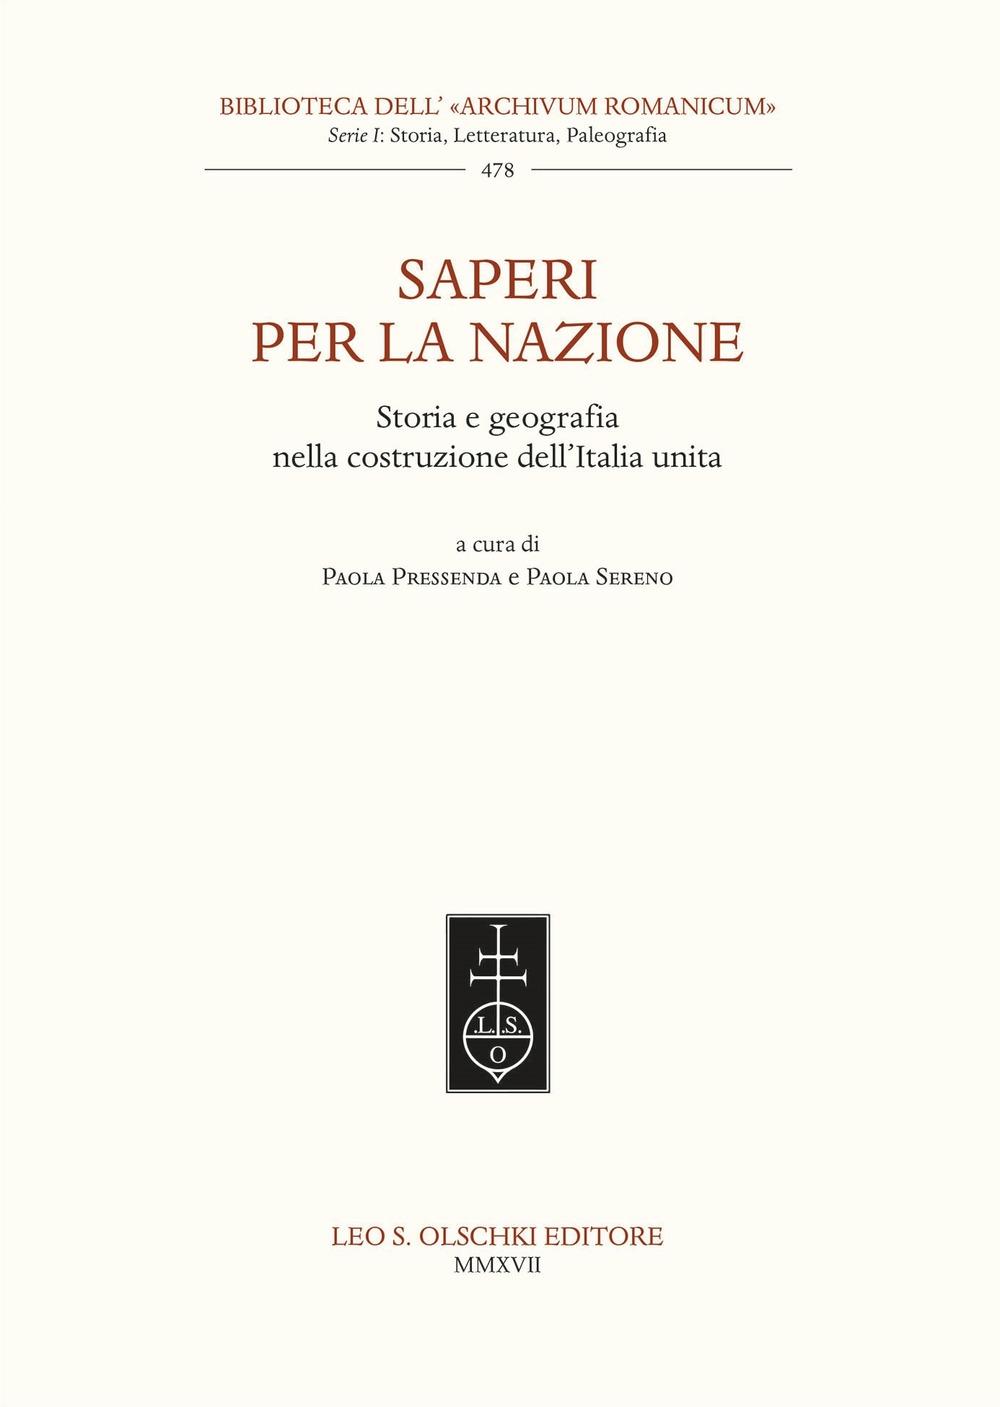 Saperi per la Nazione Storia e Geografia nella Costruzione Dell'Italia Unita